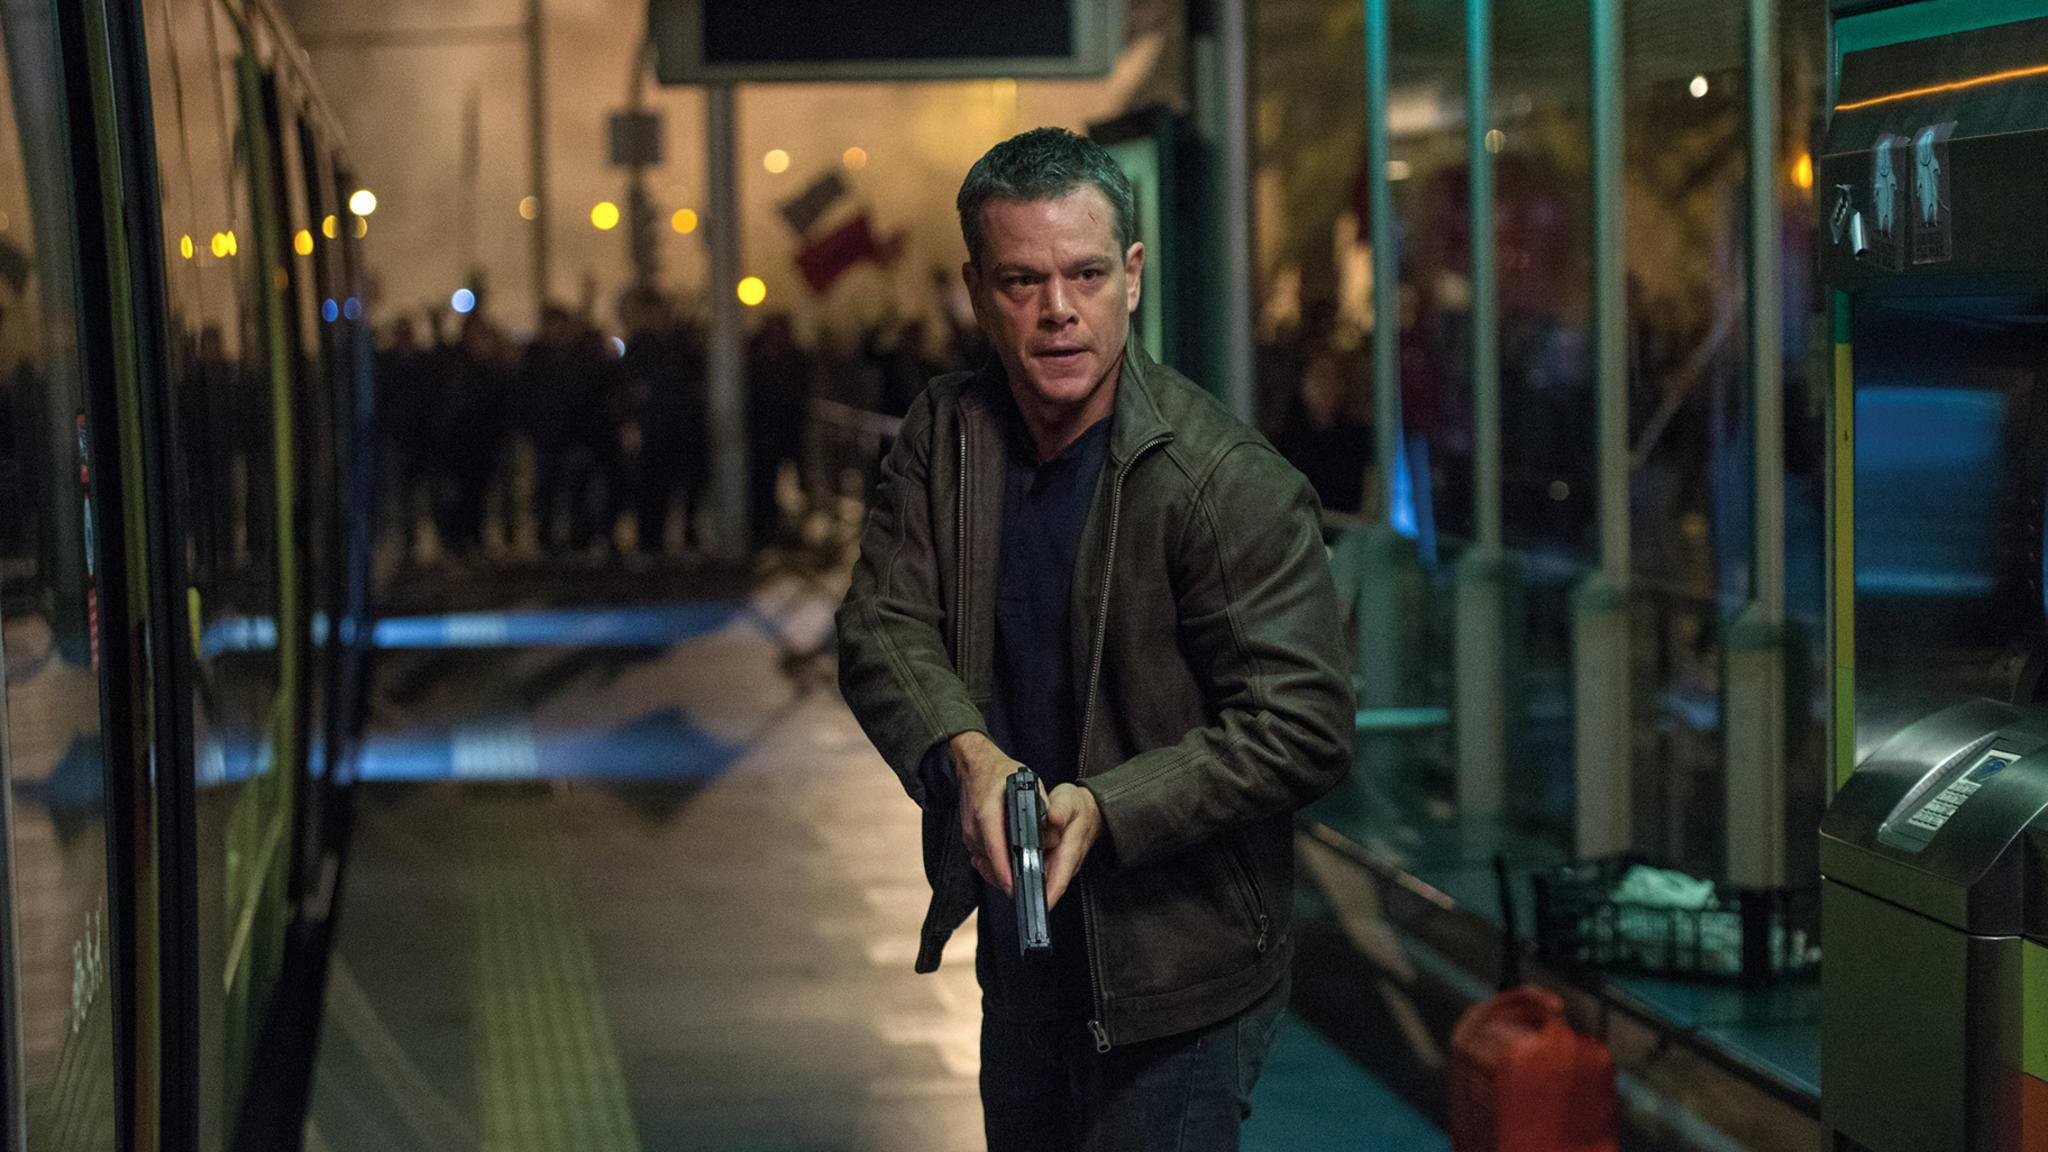 Mit Jason Bourne (Matt Damon) sollte sich besser niemand anlegen.